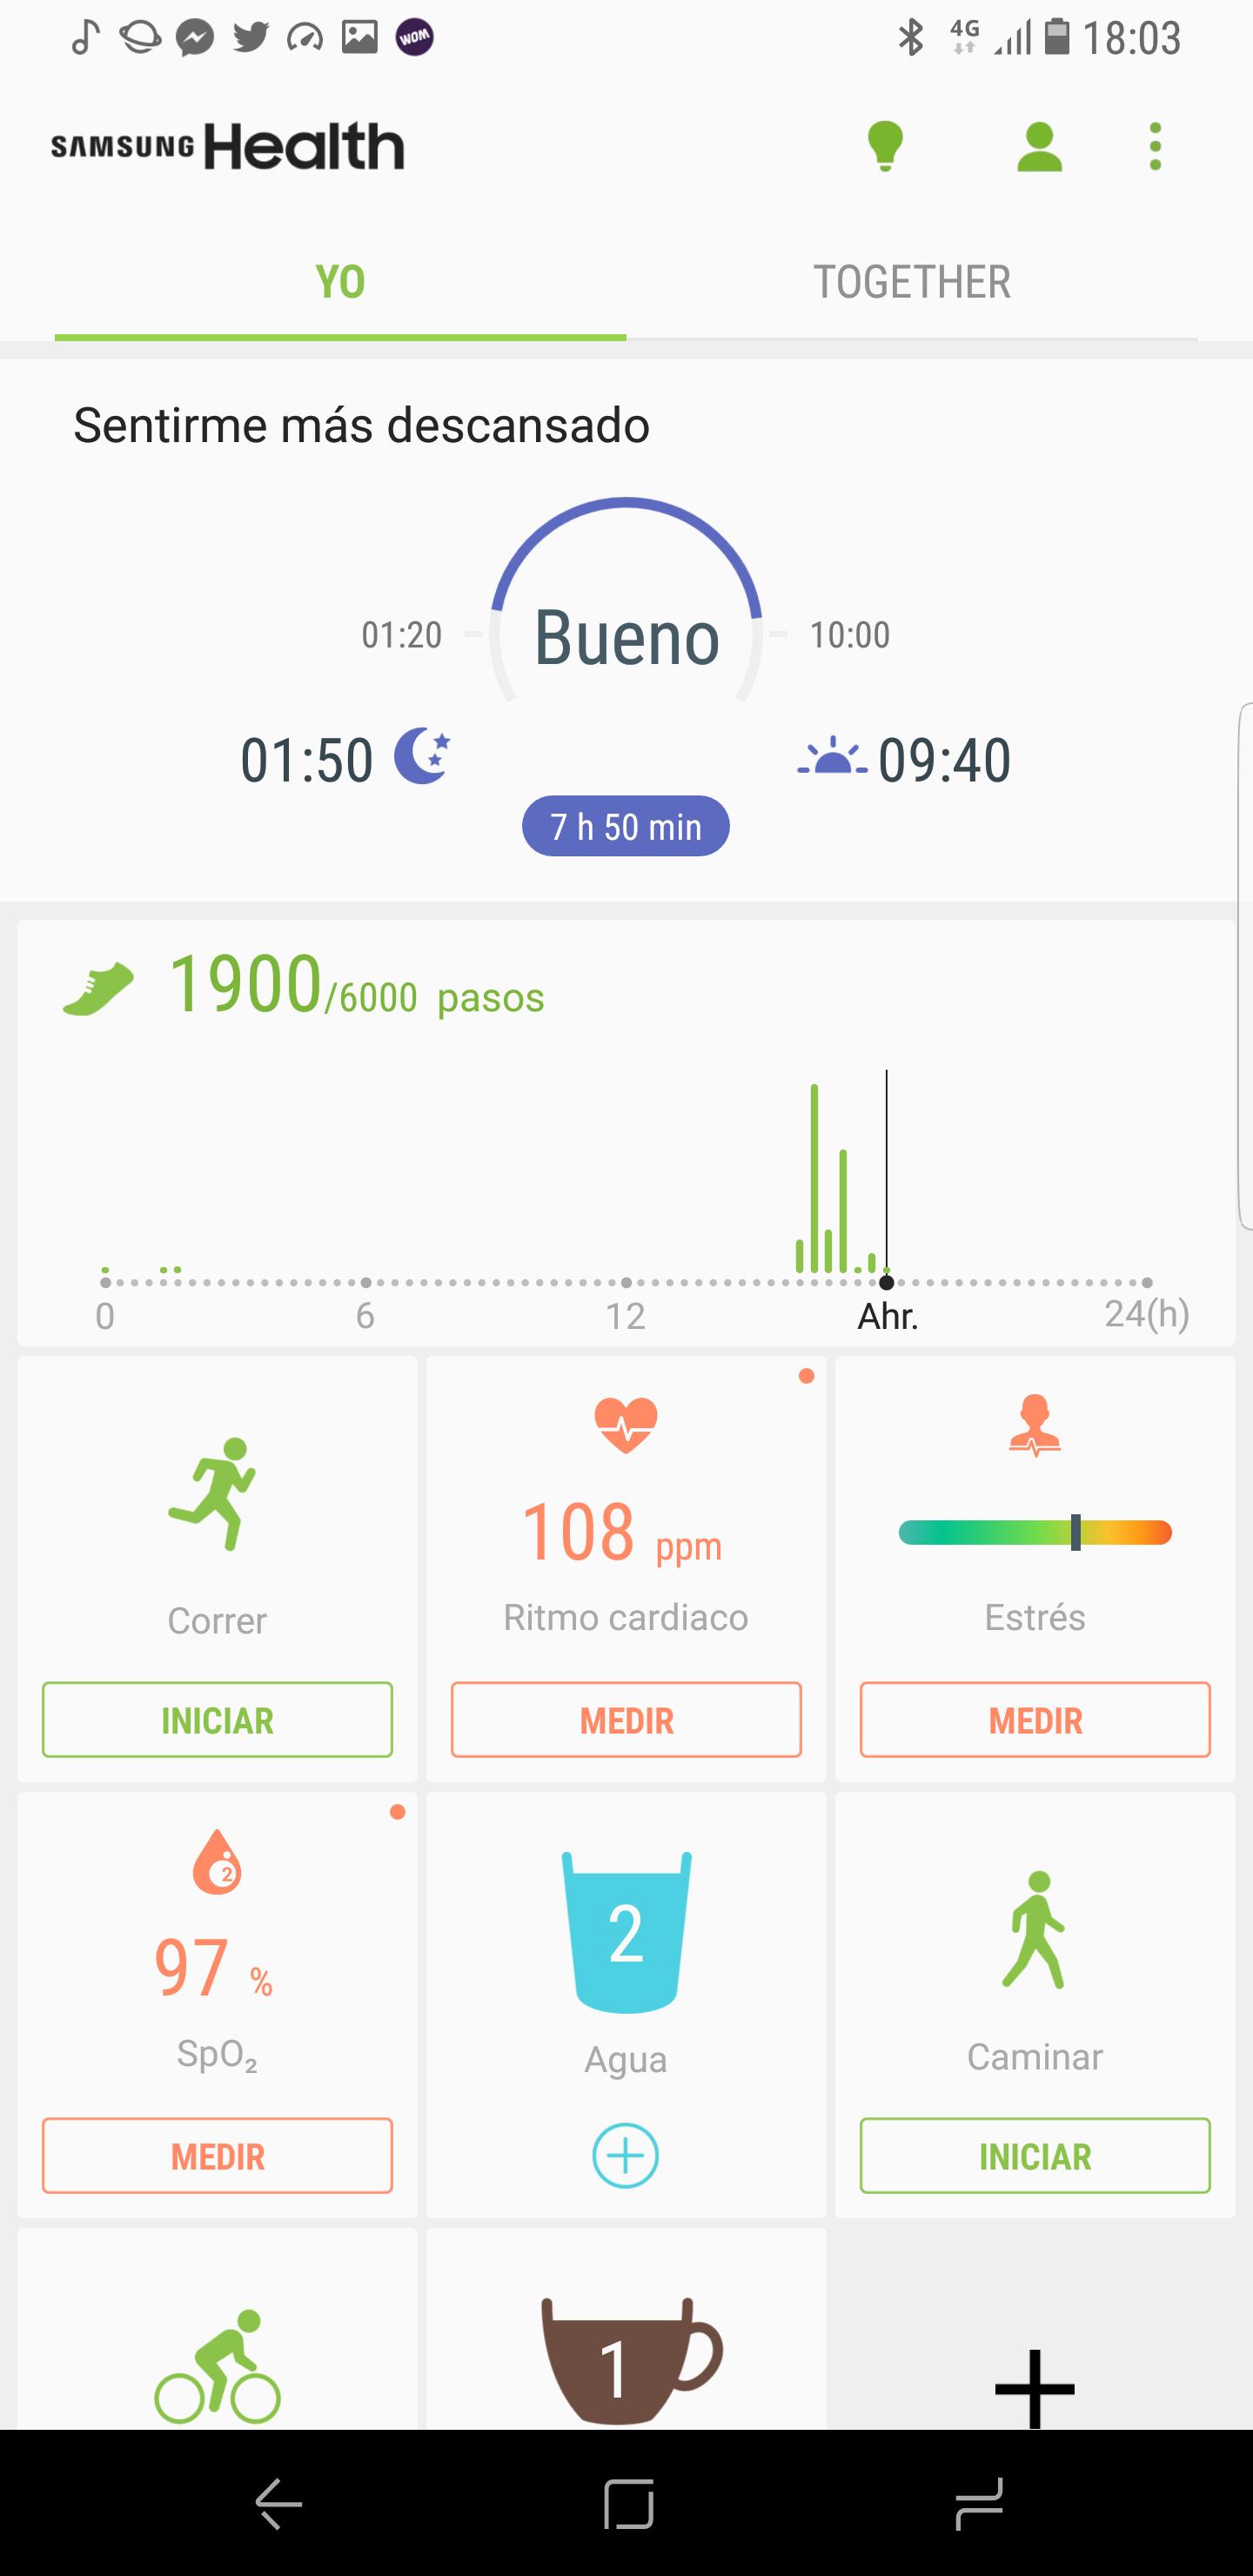 Con La Ayuda De Samsung Health Podremos Ir Registrando Nuestra Actividad Fisica Asi Como Nuestro Ritmo Cardiaco El Nivel Estres O Oxigeno